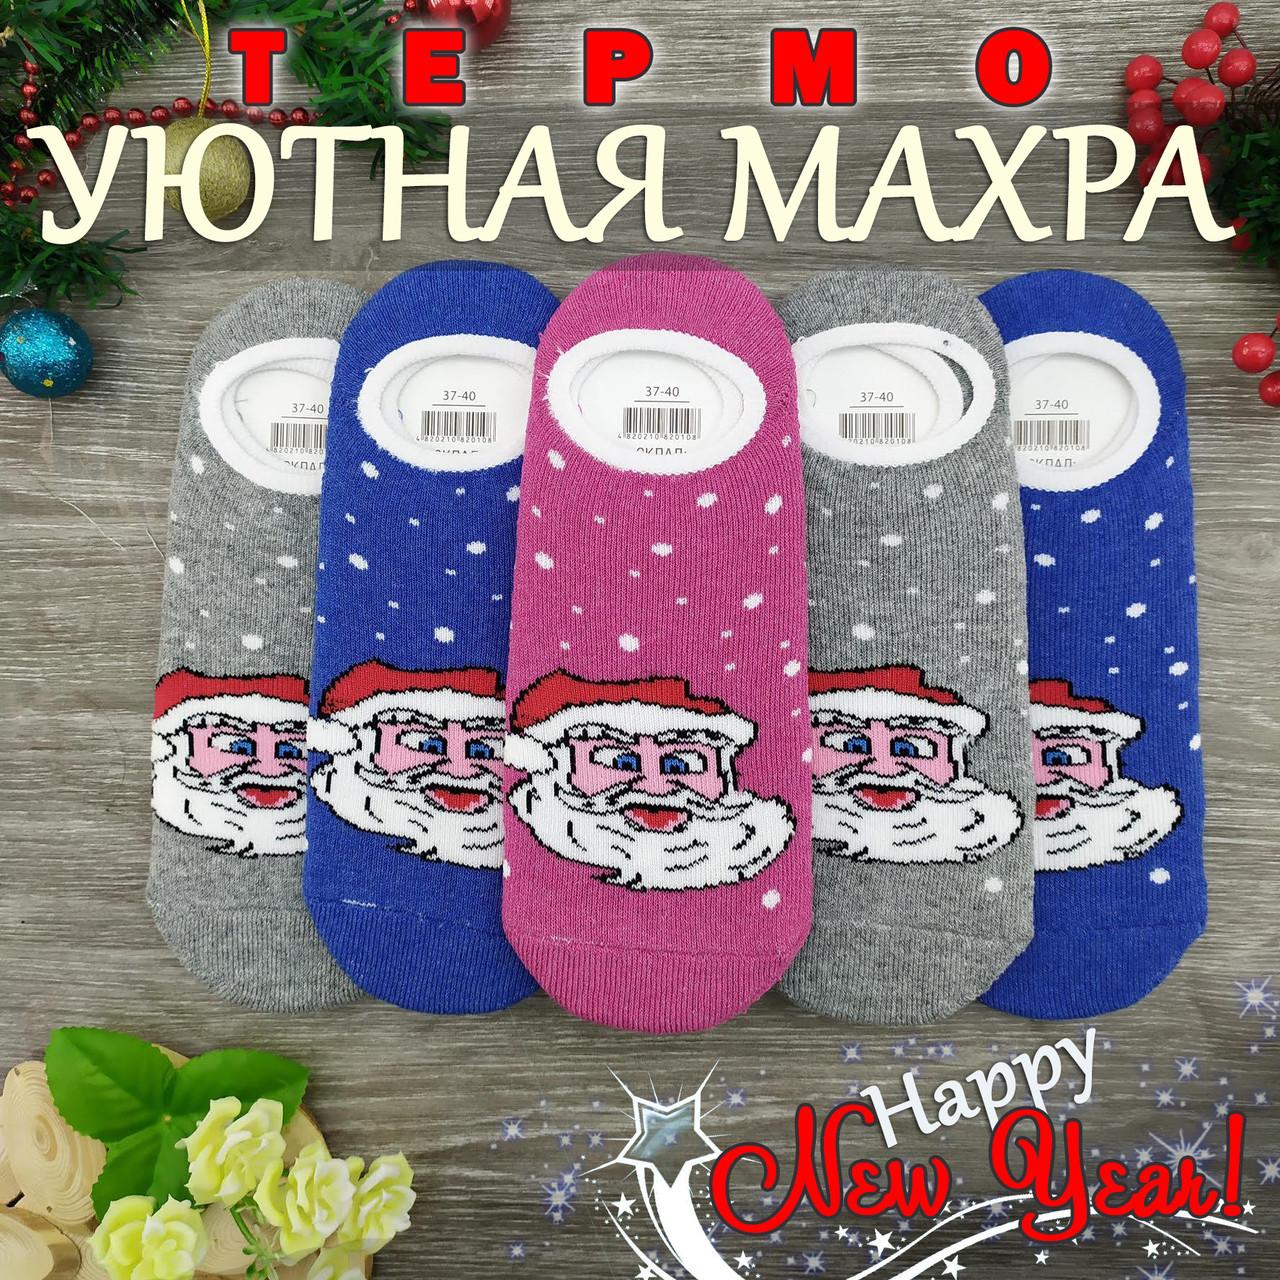 Следы женские новогодние махровые Добра Пара 37-40р дед мороз ассорти 30024759